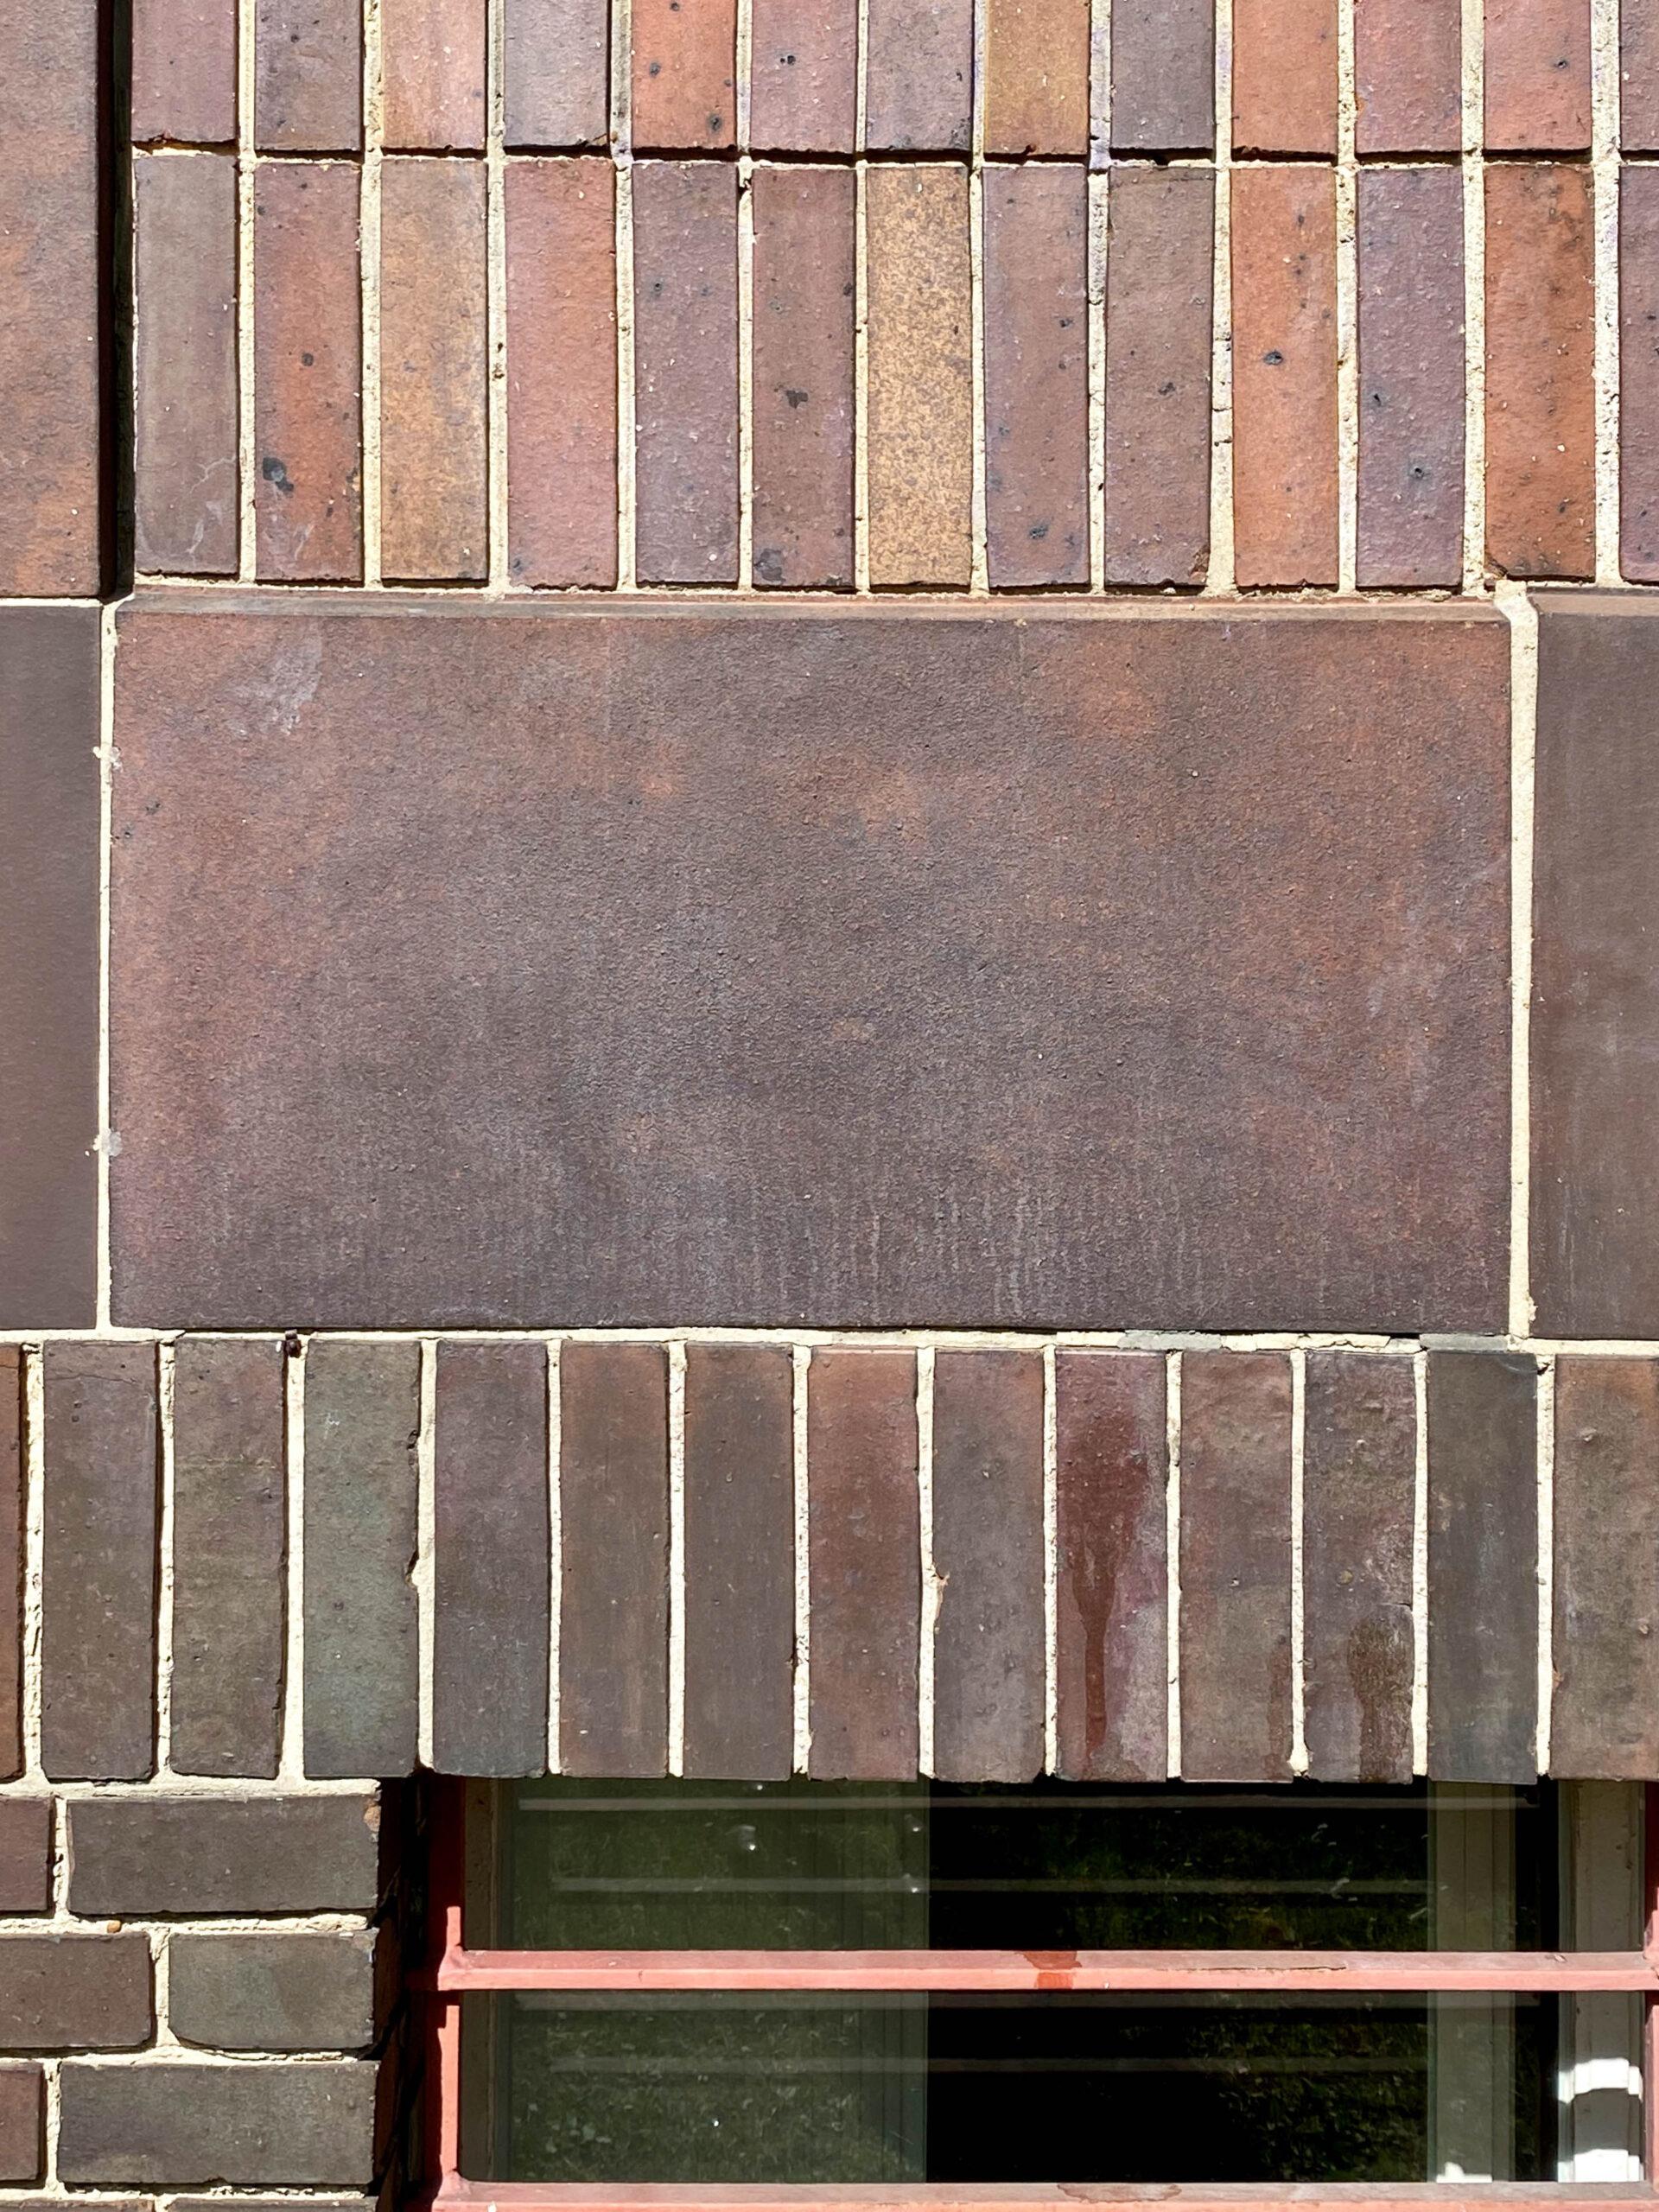 Reichsknappschaftshaus, 1929-1930. Architects: Max Taut, Franz Hoffmann